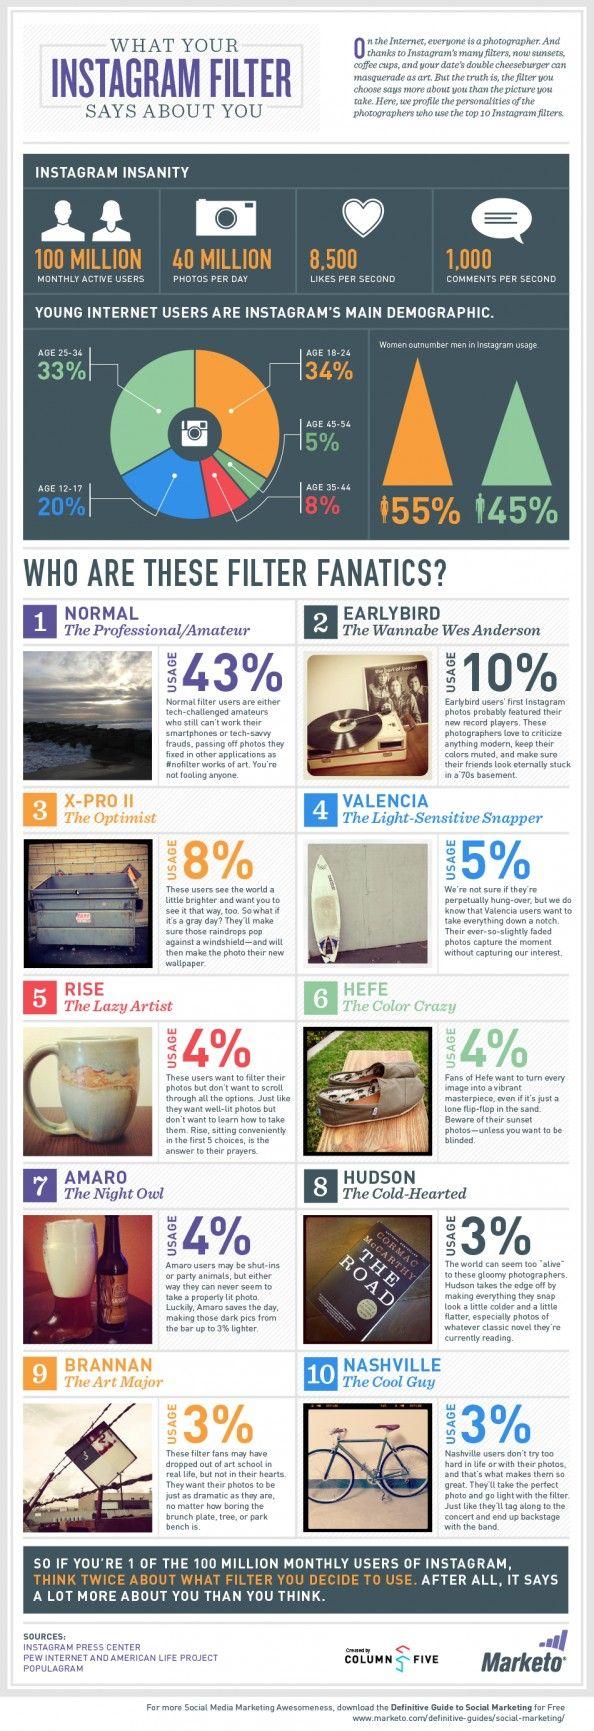 O que o filtro do #Instagram que você mais usa diz sobre sua personalidade? #infográfico